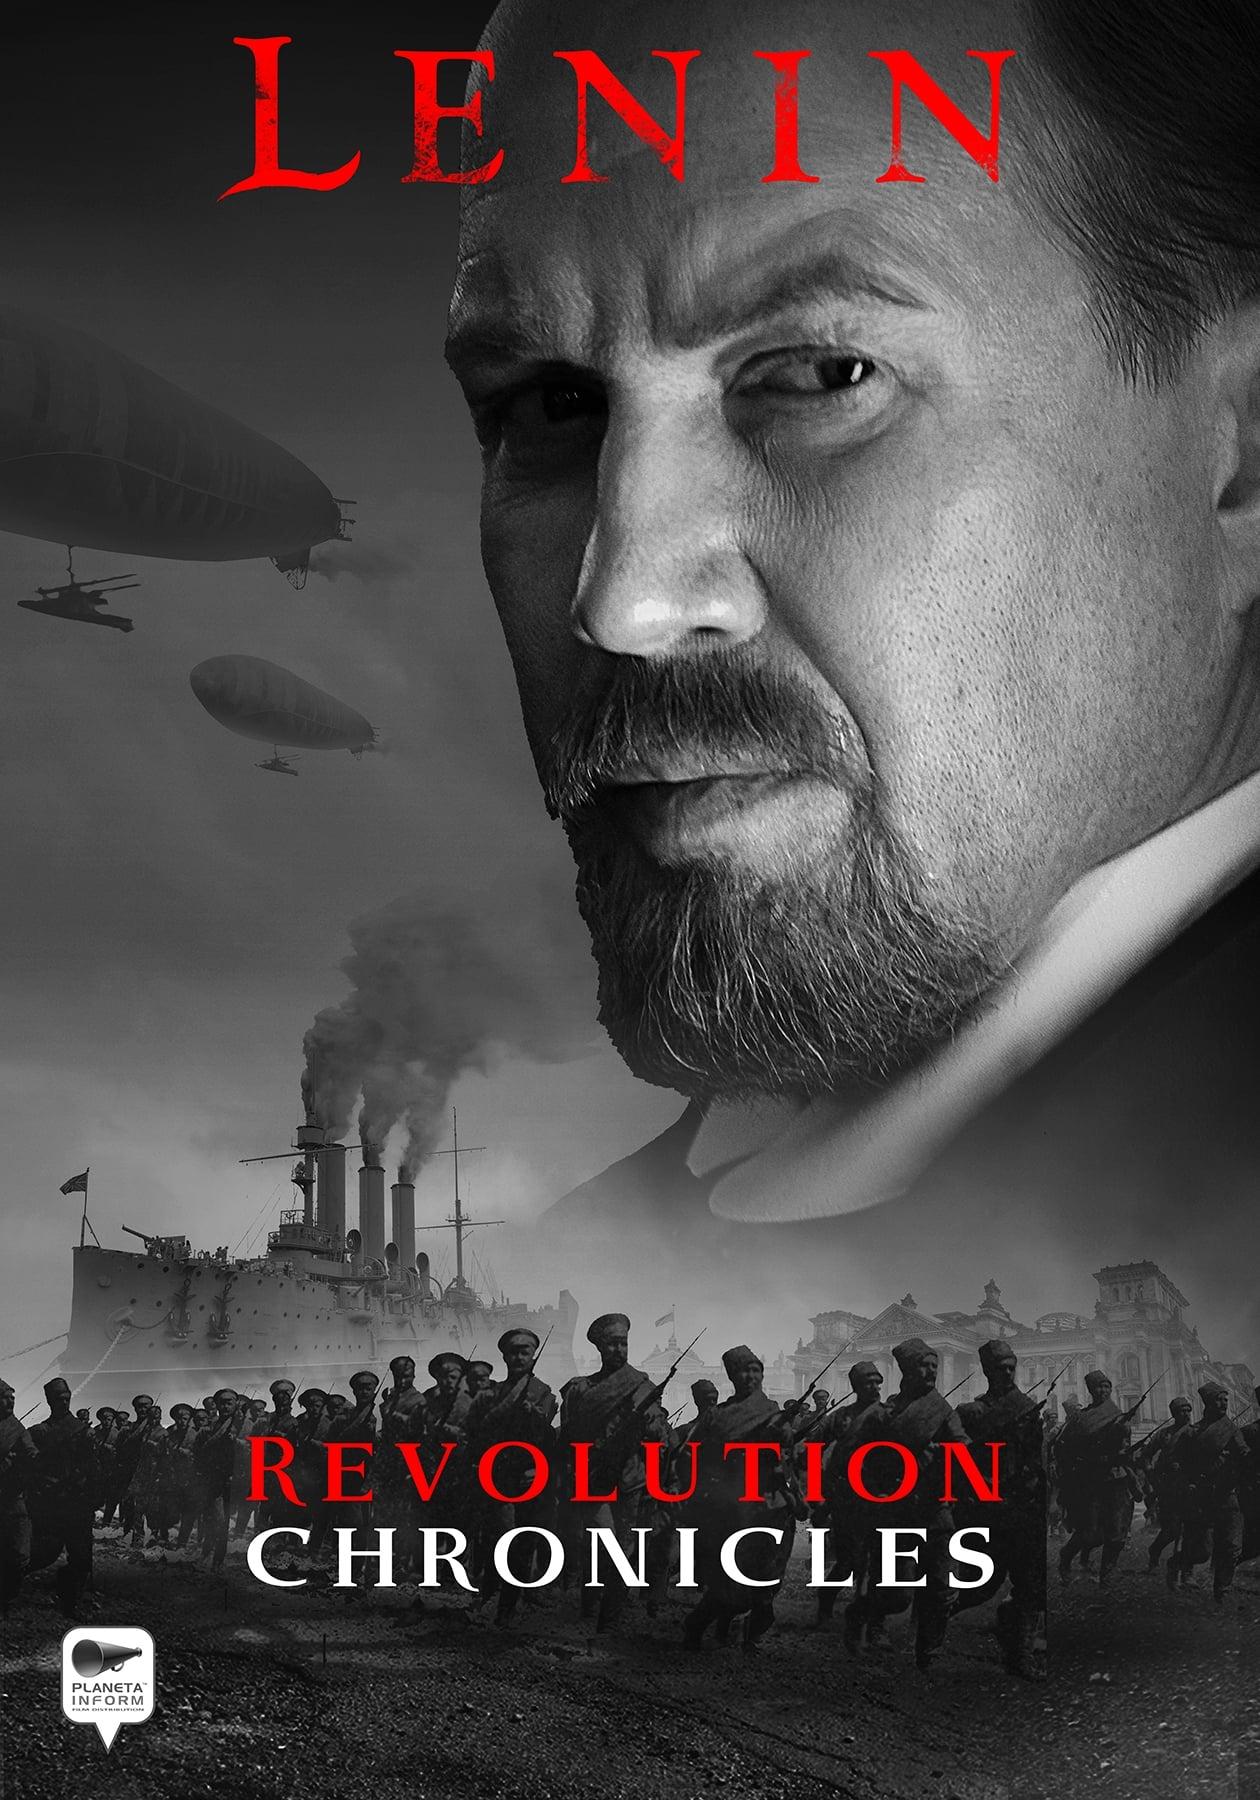 Lenin: Revolution Chronicles